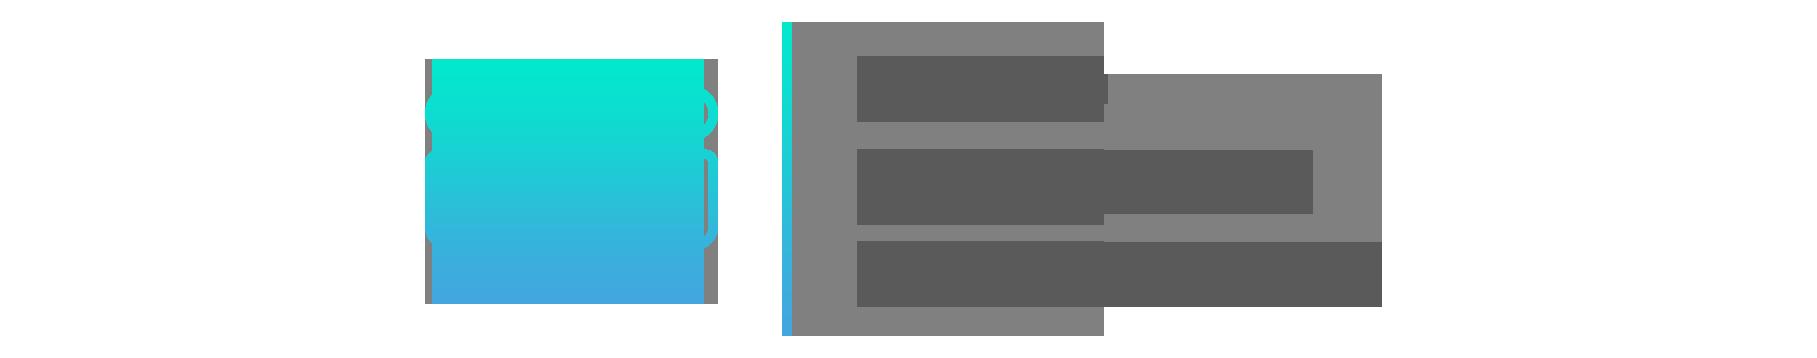 Consultoría Diego Coquillat - Consultoría Marketing Digital e Innovación para Restaurantes y Gastronomía